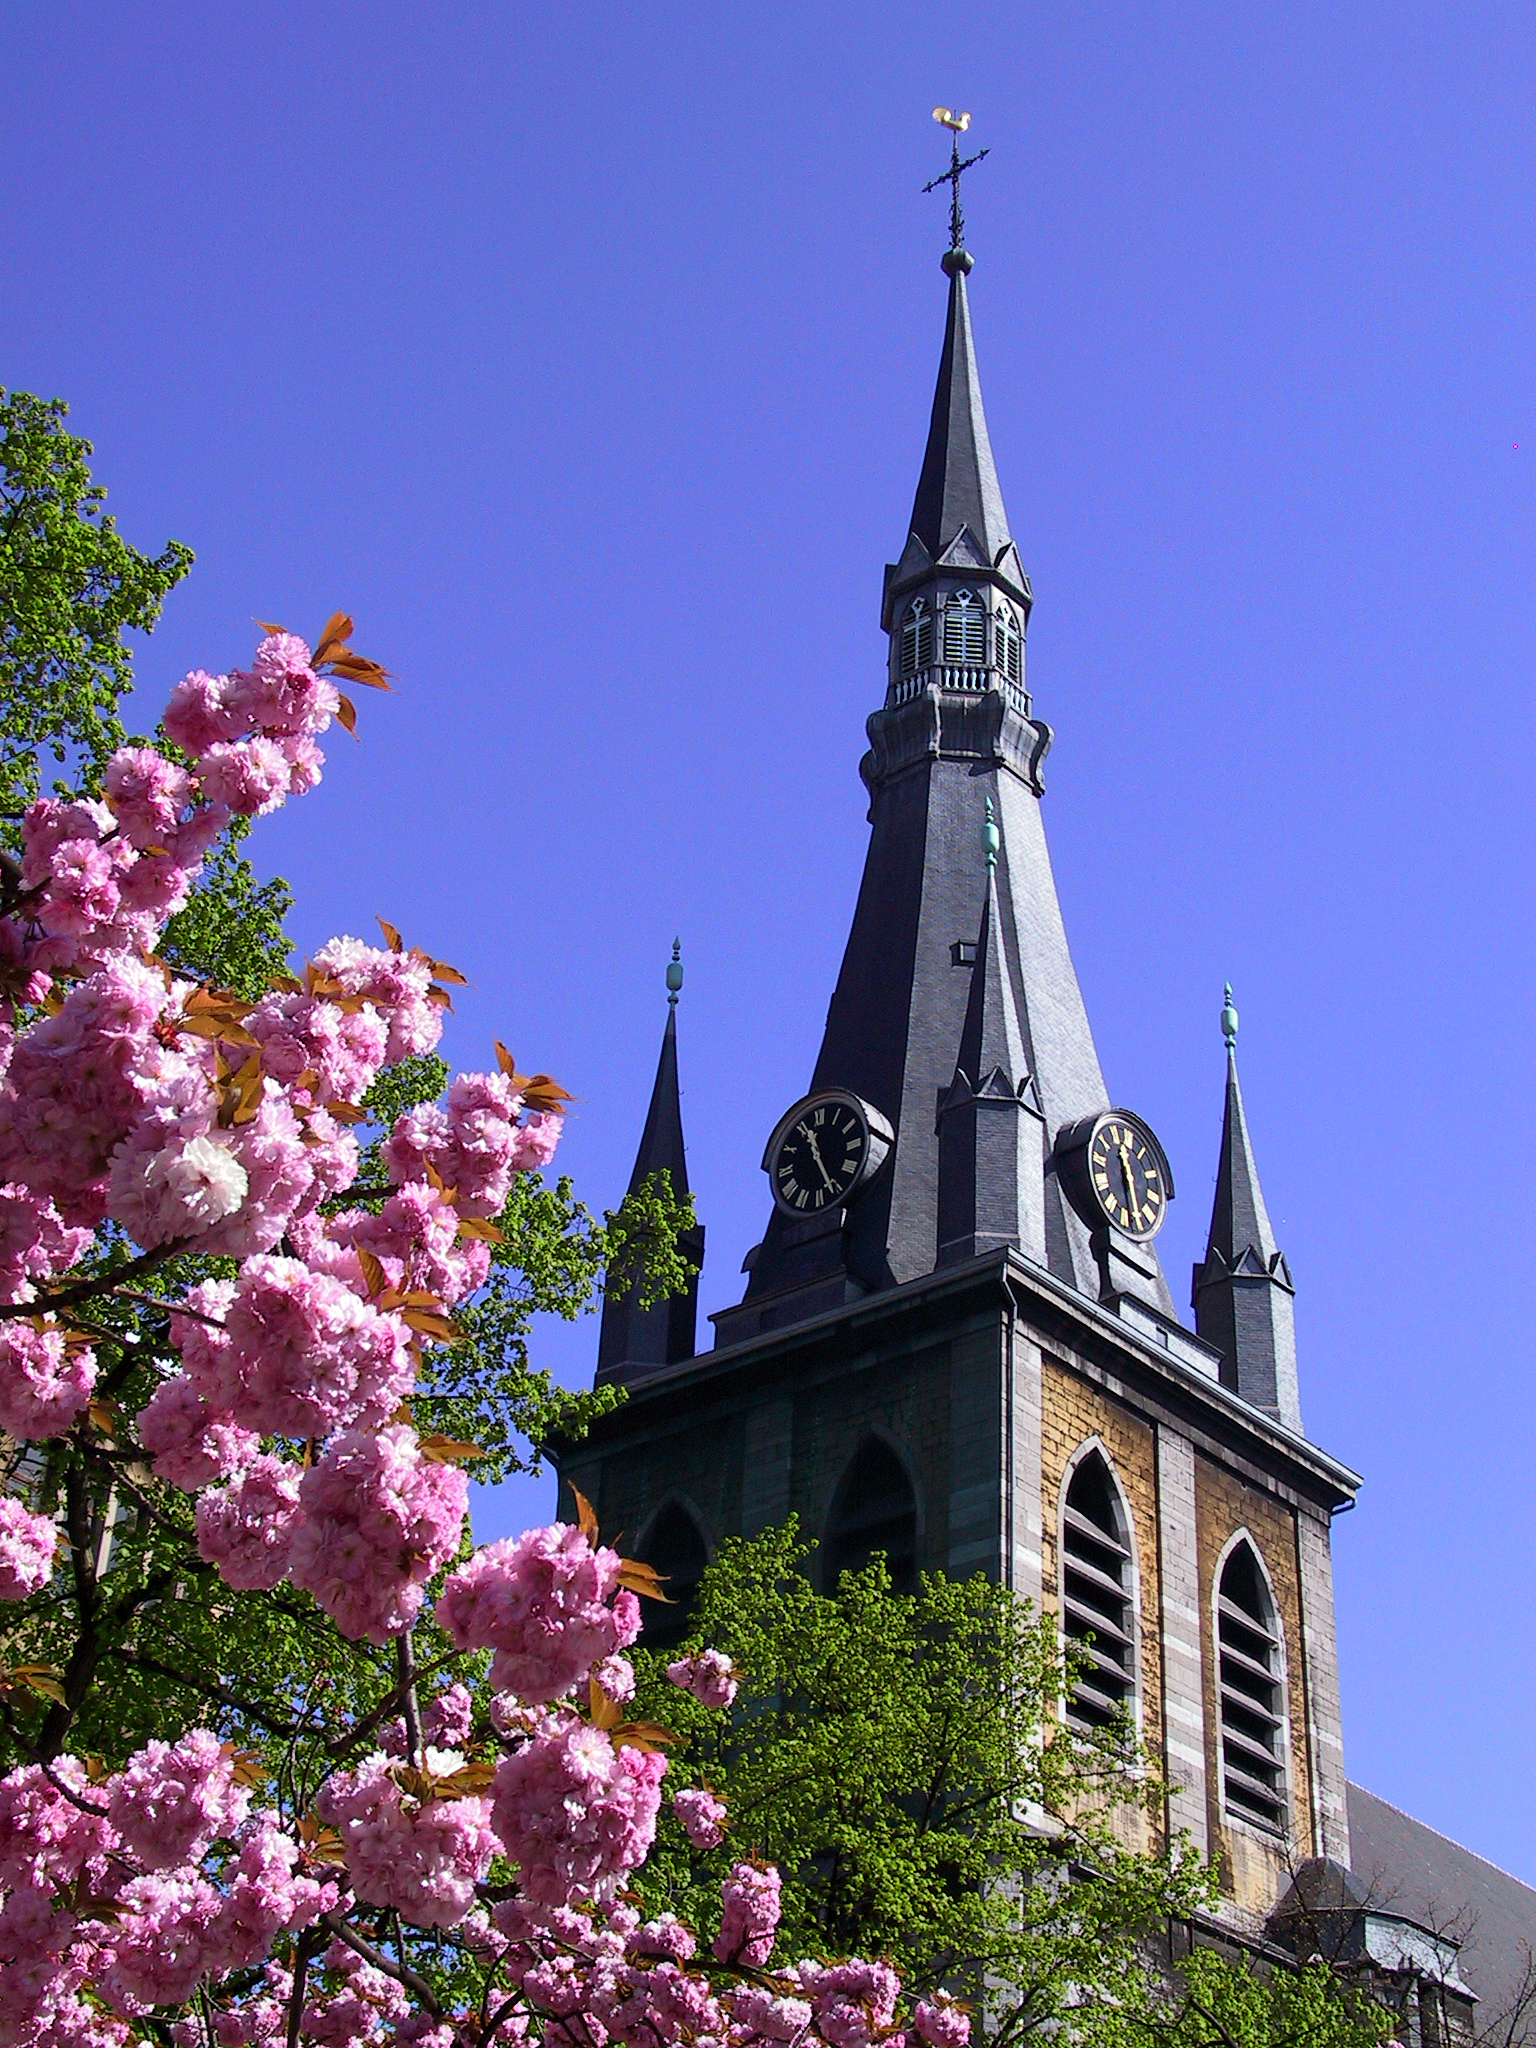 Cathédrale Saint-Paul - Liège - cerisier Japonais - Ciel bleu